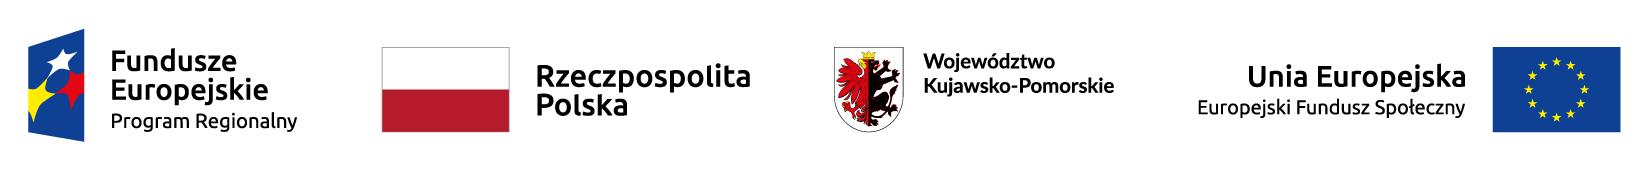 Logotypy Unii Europejskiej, Regionalnego Progeamu Operacyjnego Województwa Kujawsko Pomorskiego oraz Europejskich Funduszy Społecznych